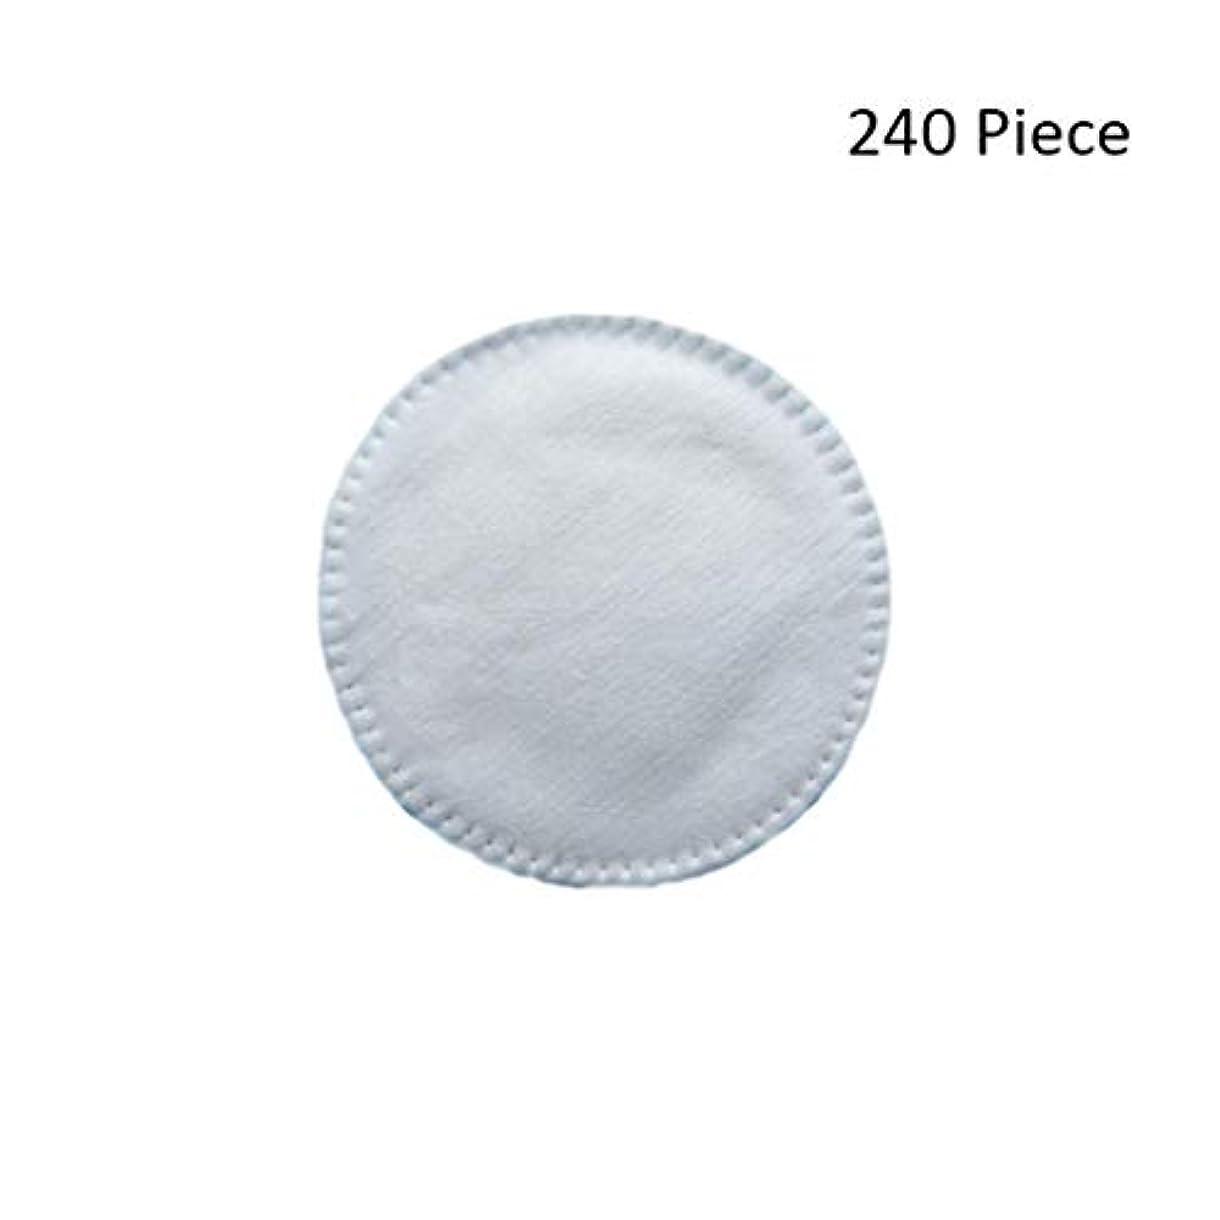 化粧パッド 240ピースコットンフェイスメイク落としコットンフェイスワイプディープクレンジングコットン竹繊維スキンケアフェイスウォッシュ化粧品ツール メイク落とし化粧パッド (Color : White)